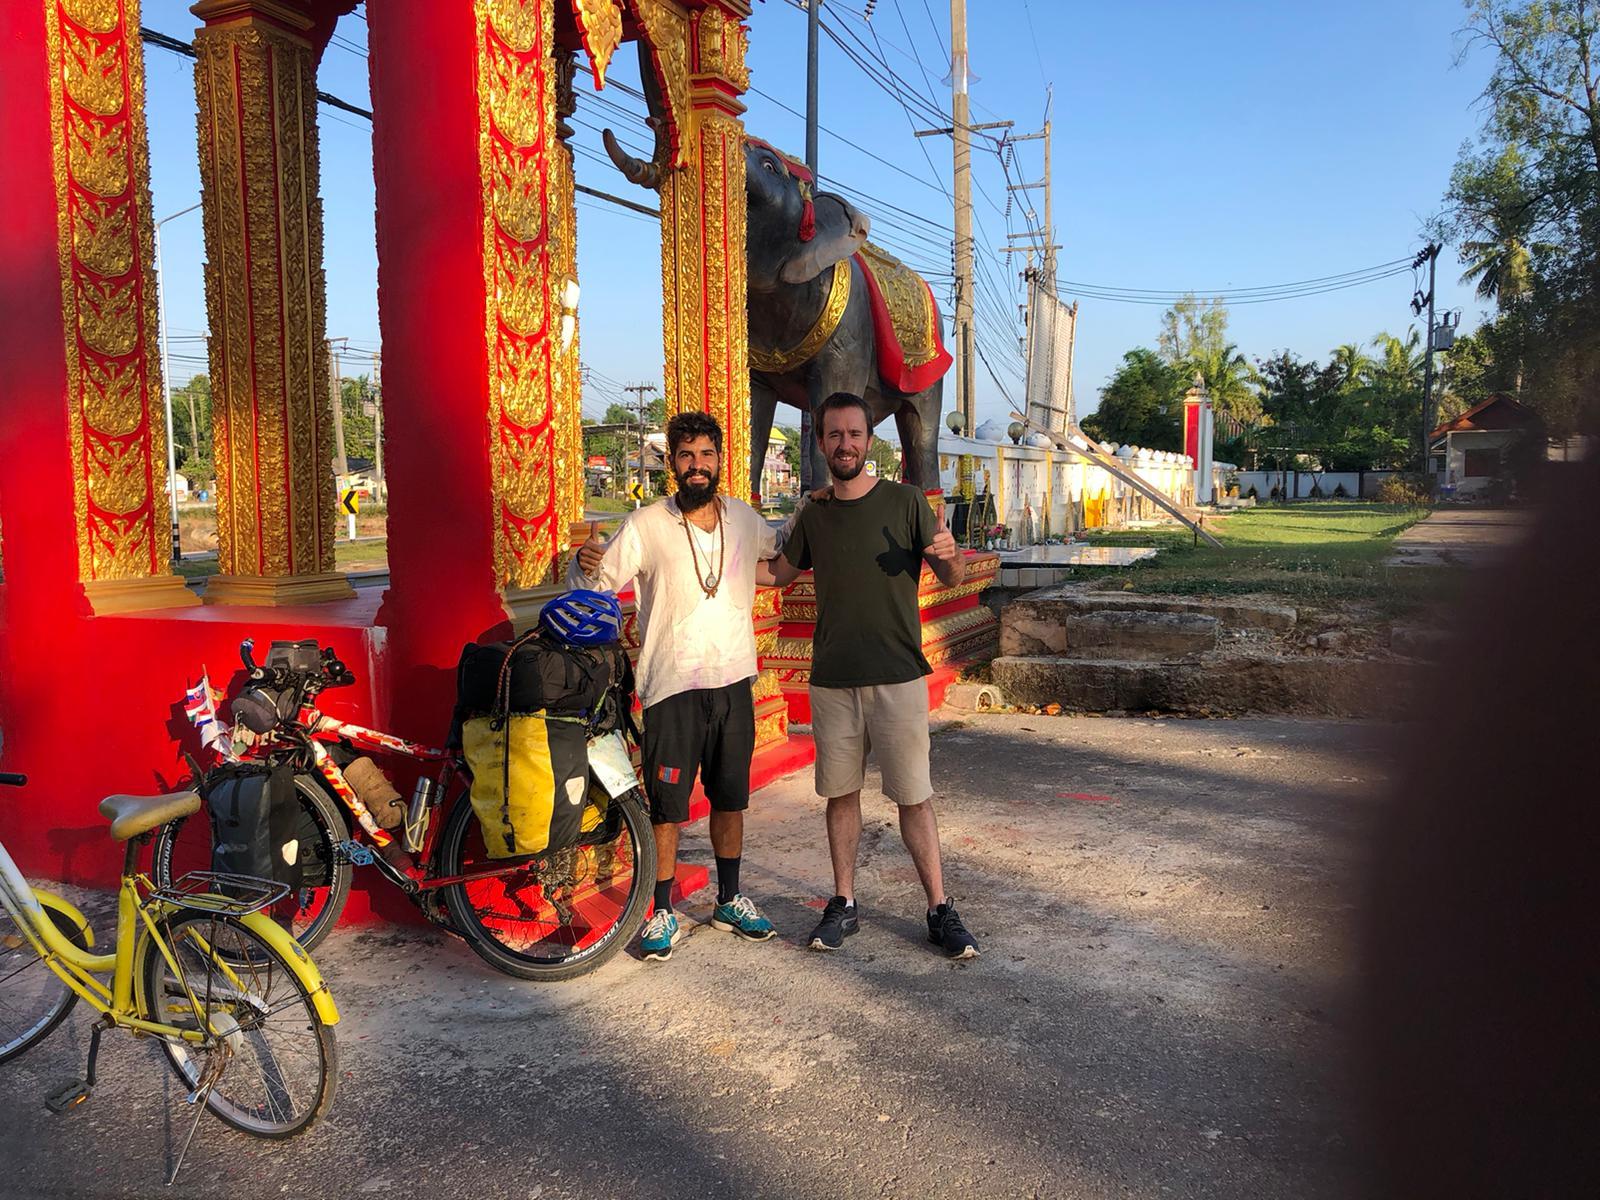 Elías Escribano, Perlé por el Mundo, en vísperas de Carnaval llegando a Malasia 17